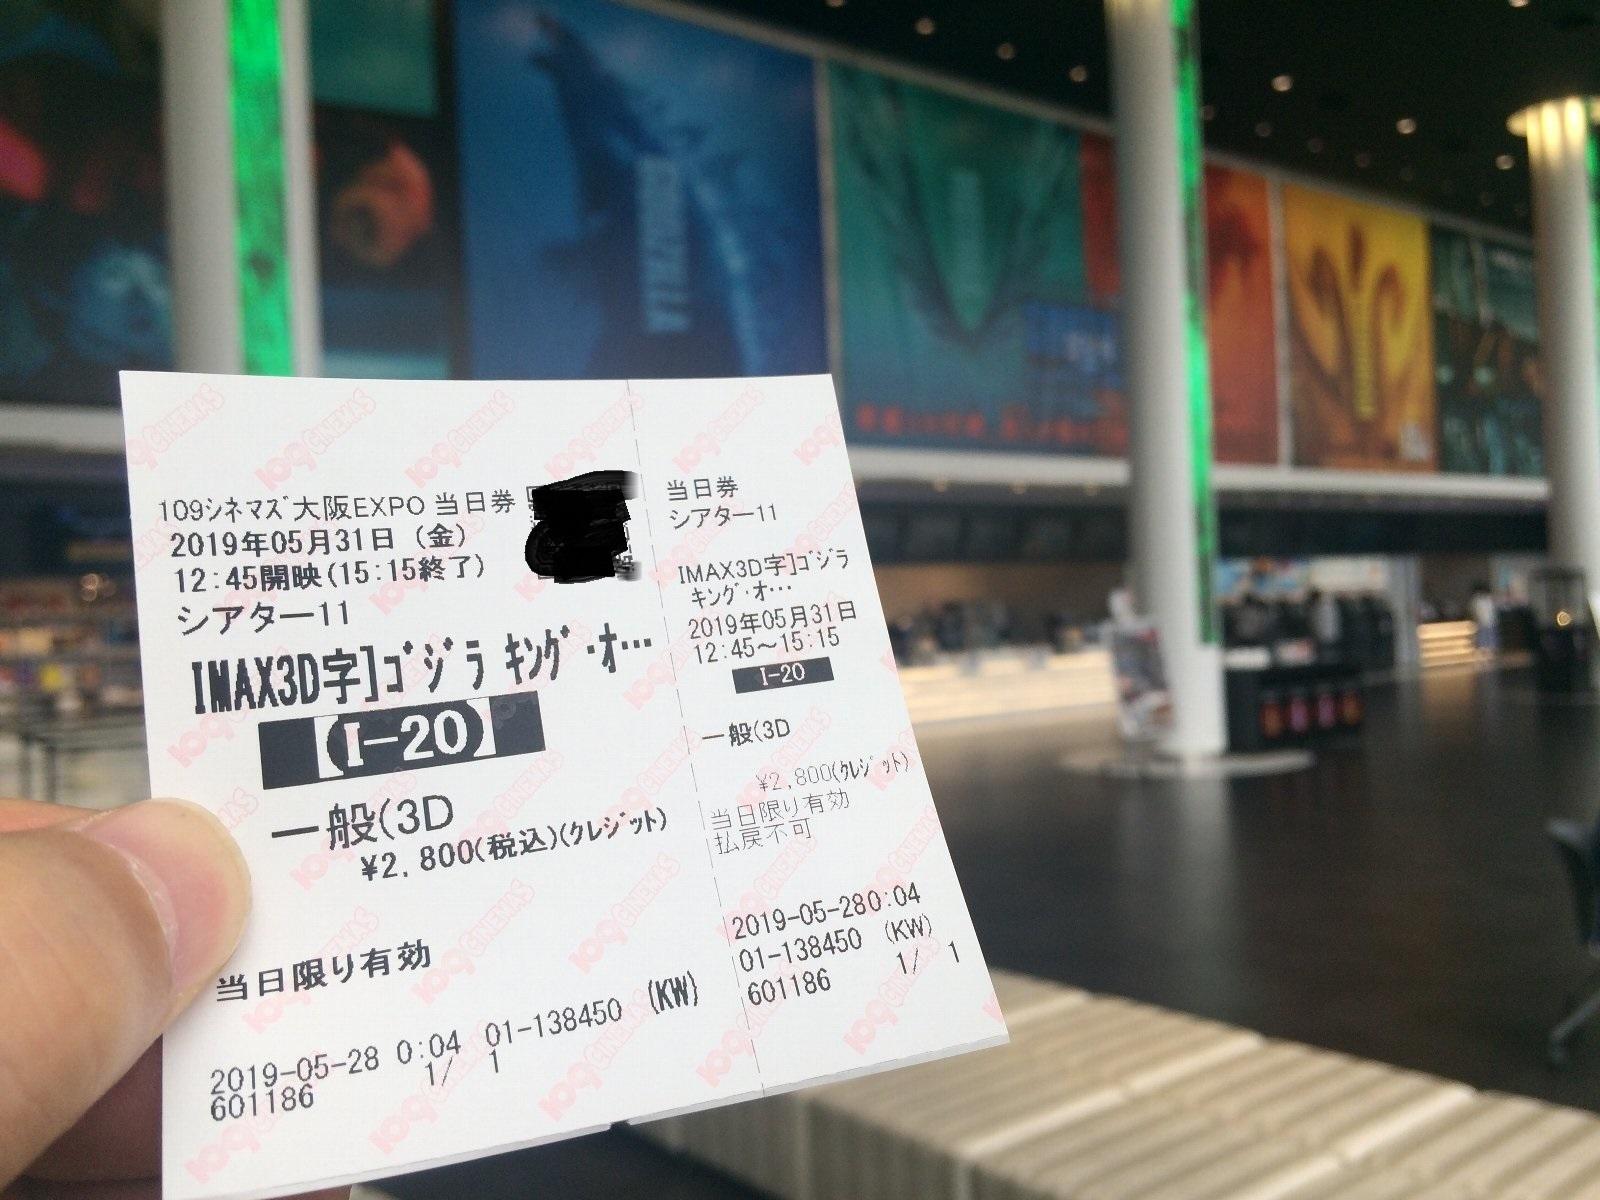 20190531 『ゴジラ キング・オブ・モンスターズ』鑑賞(マスク)